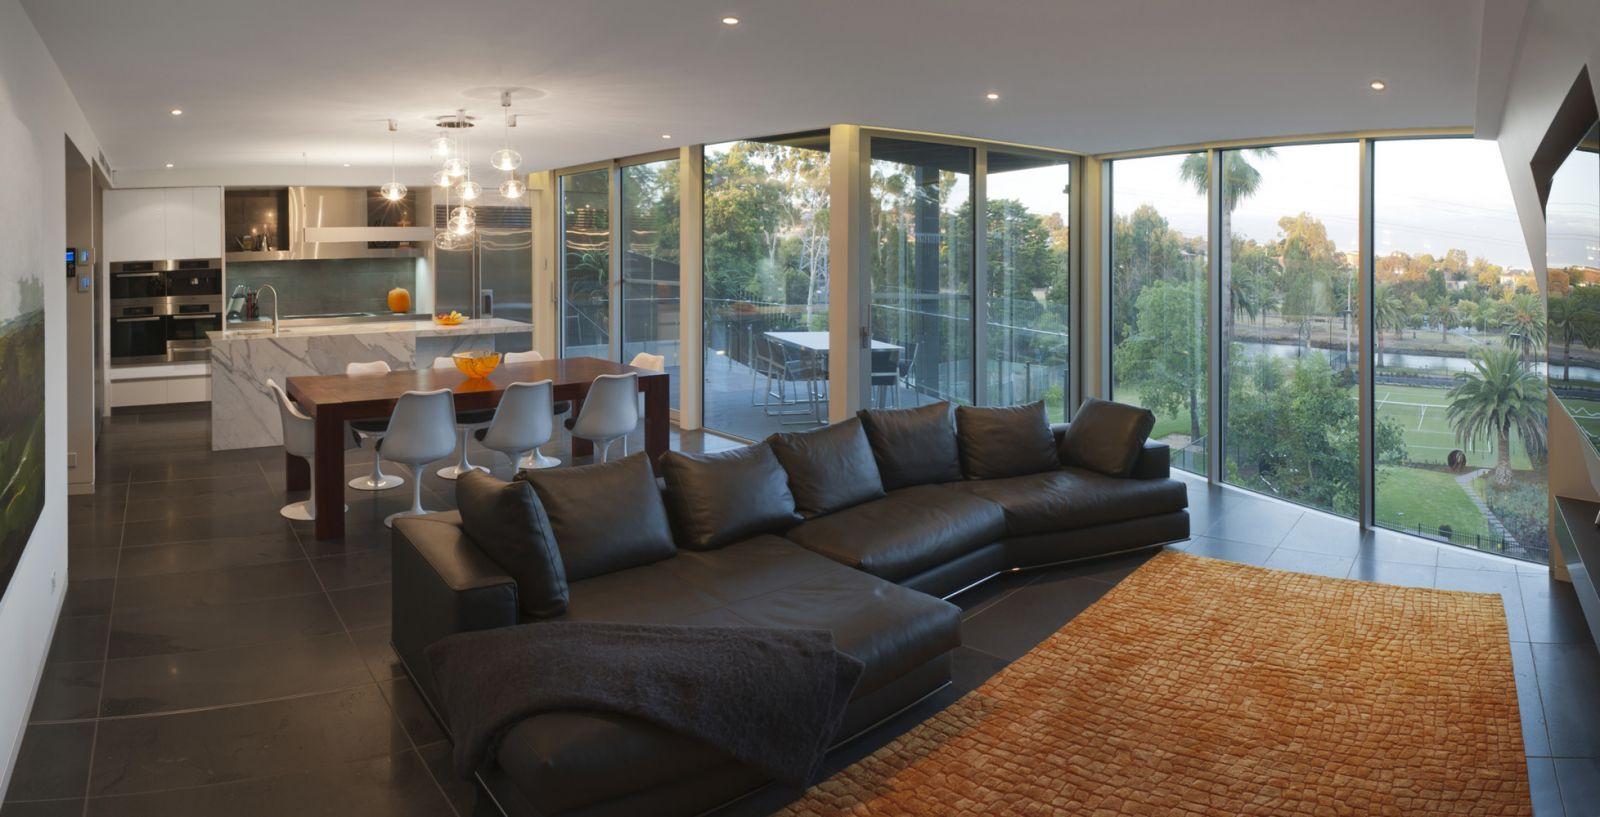 Interieur maison riche - Maison rustique luxe montecito grant ...